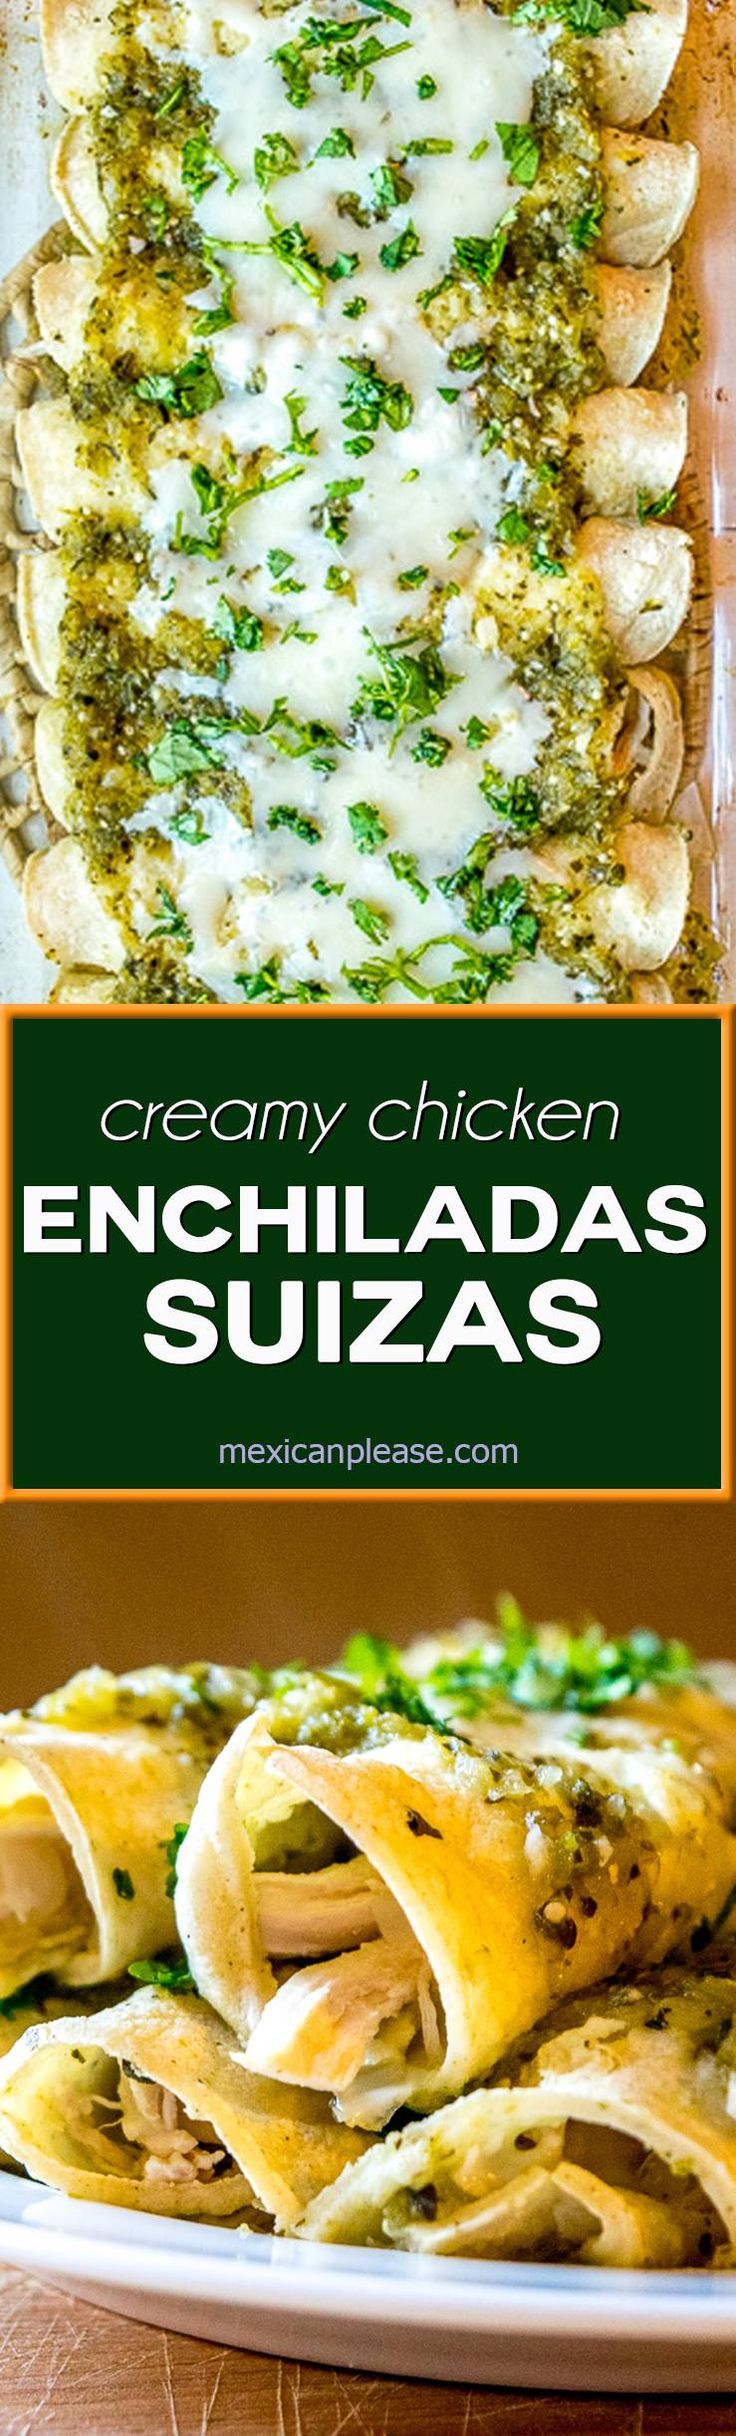 Enchiladas Suizas -- Chicken Enchiladas with Creamy Green Sauce